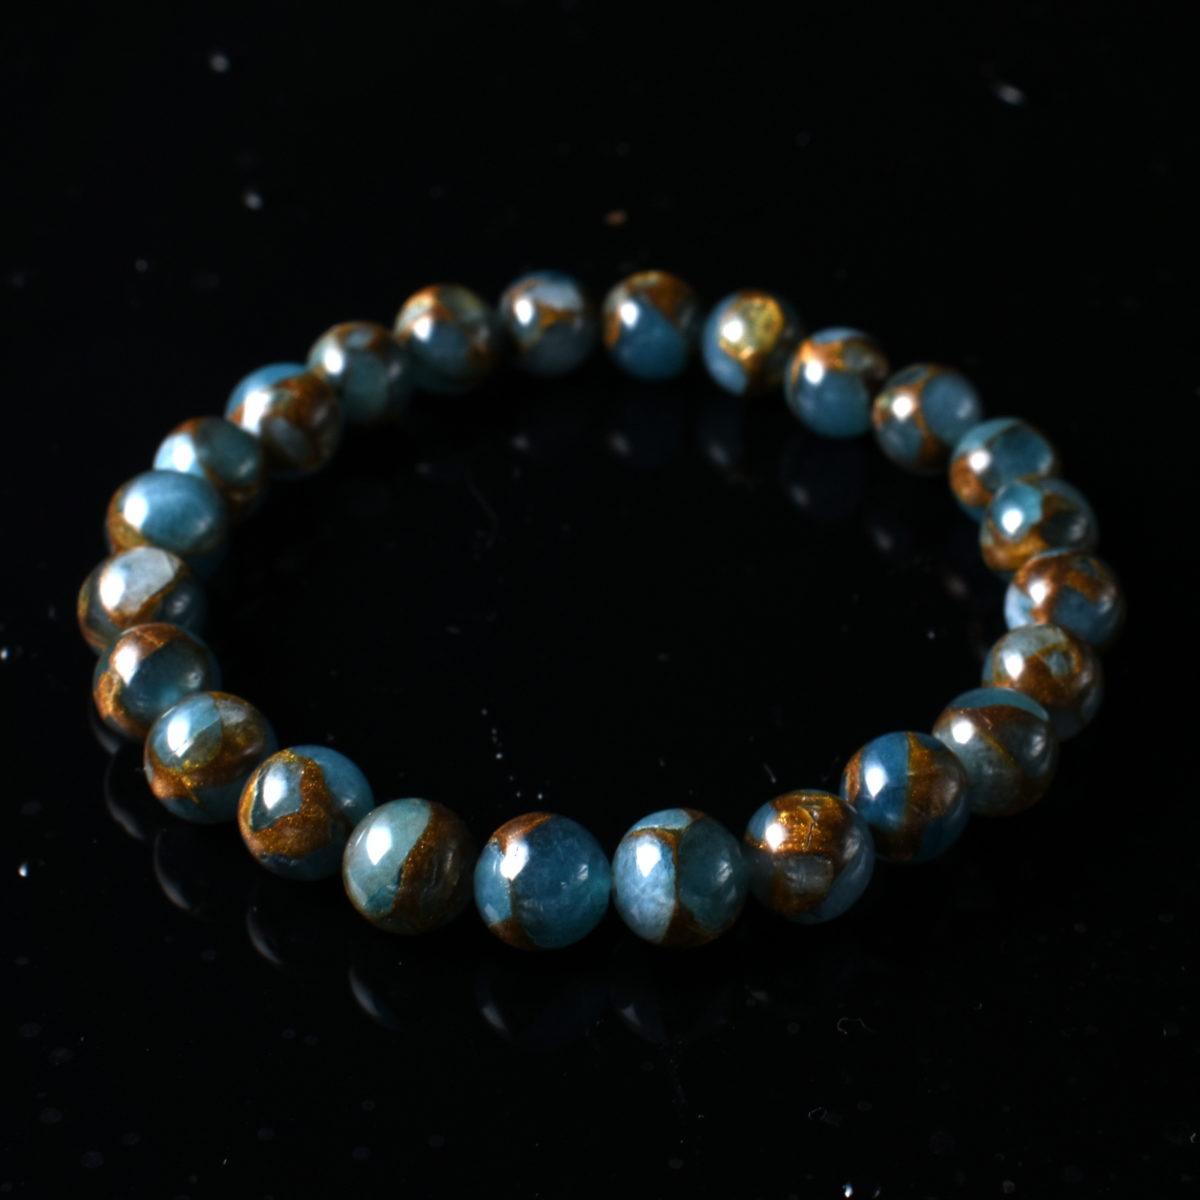 Стильный браслет на руку из бусин для женщин и мужчин